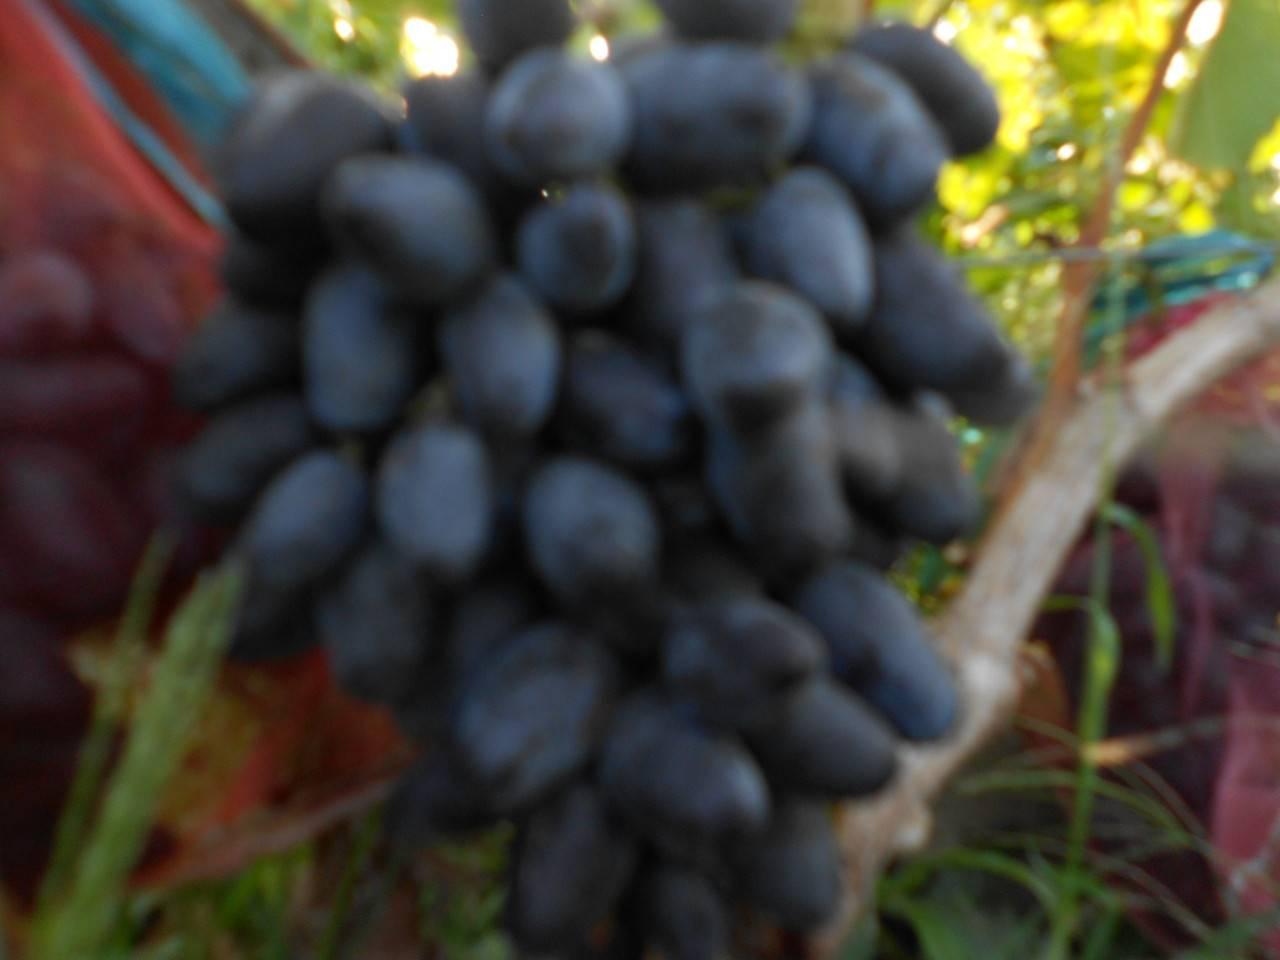 Описание винограда сорта мукузани, правила посадки и ухода